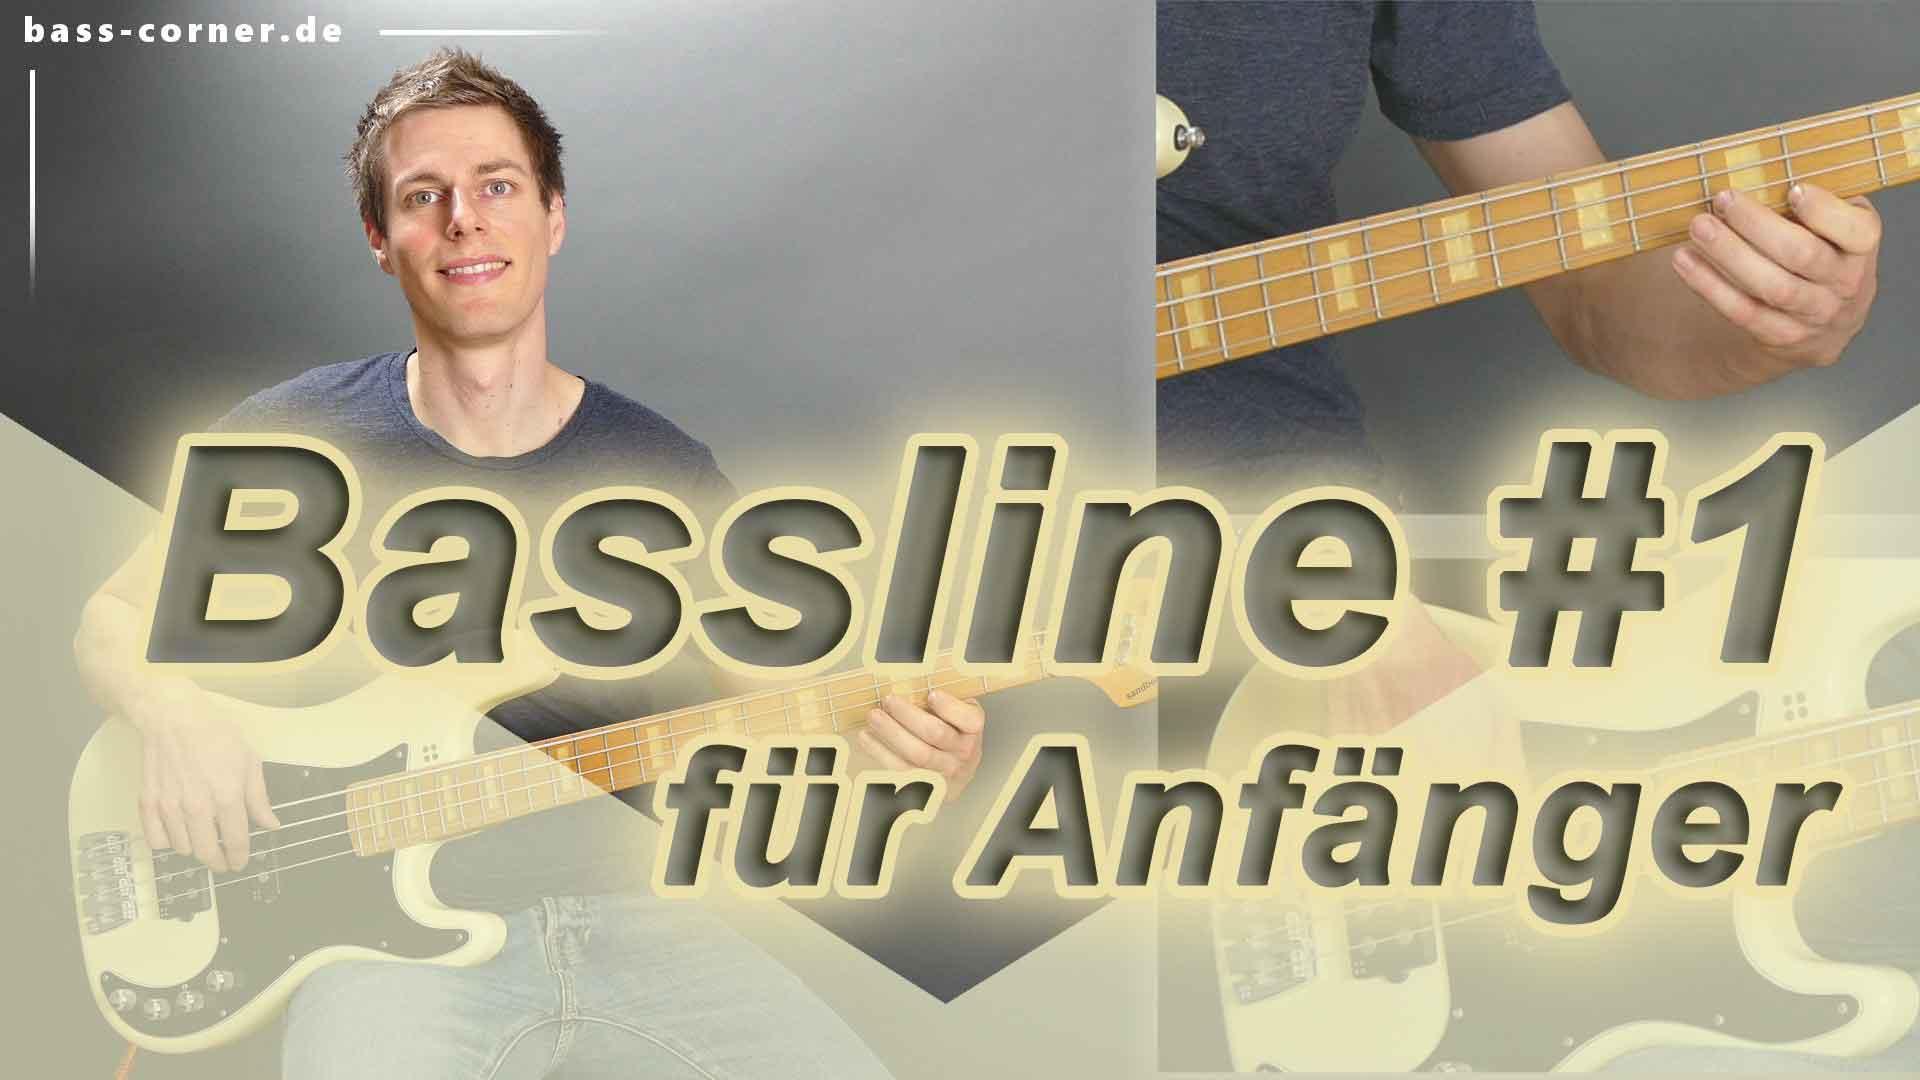 Hier sollte ein Bild stehen: Bassline 1 für Anfänger